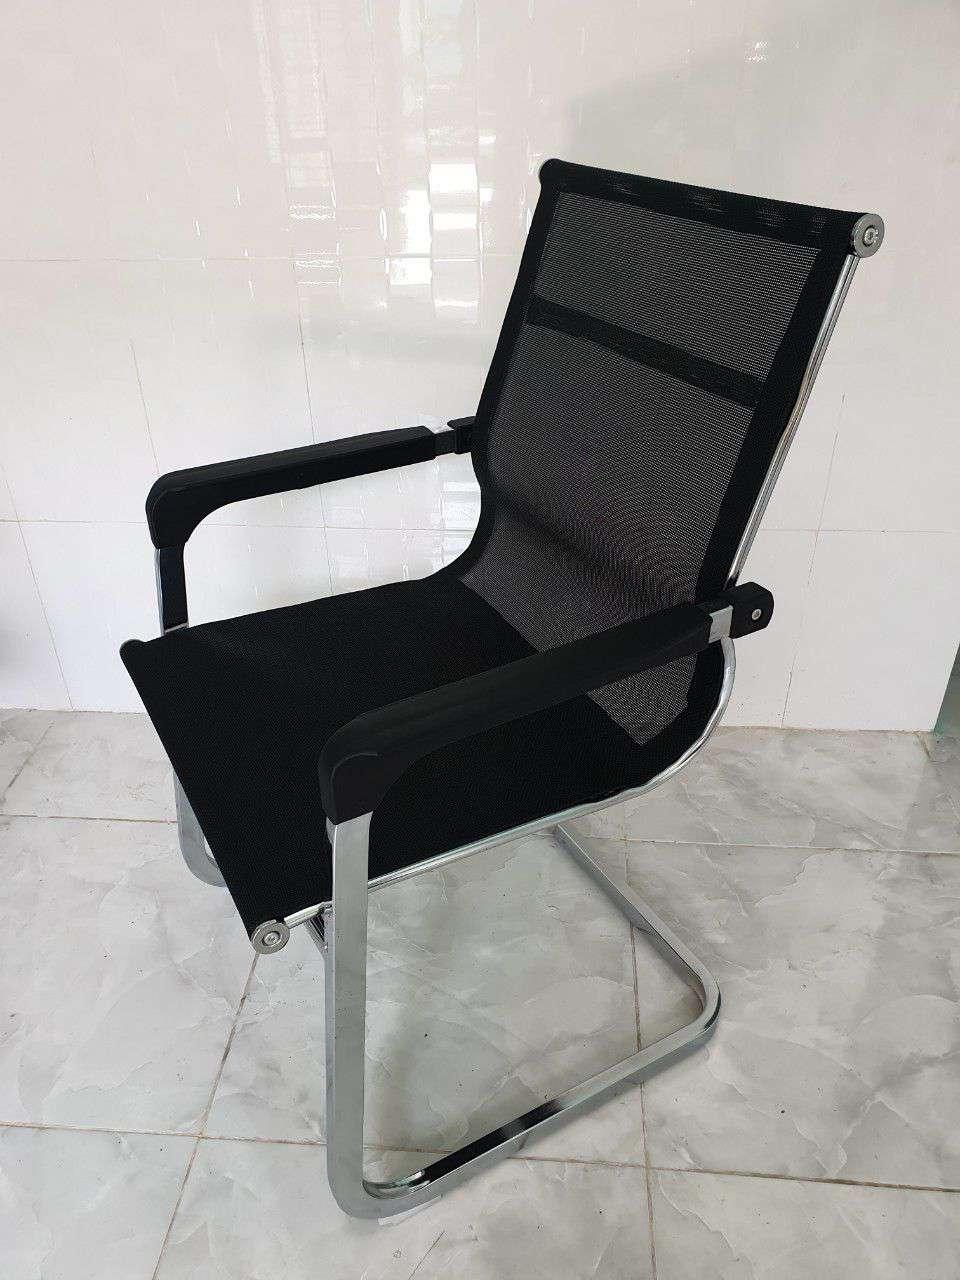 Ghế chân quỳ lưới giá rẻ tại TPHCM – Mã : 4077